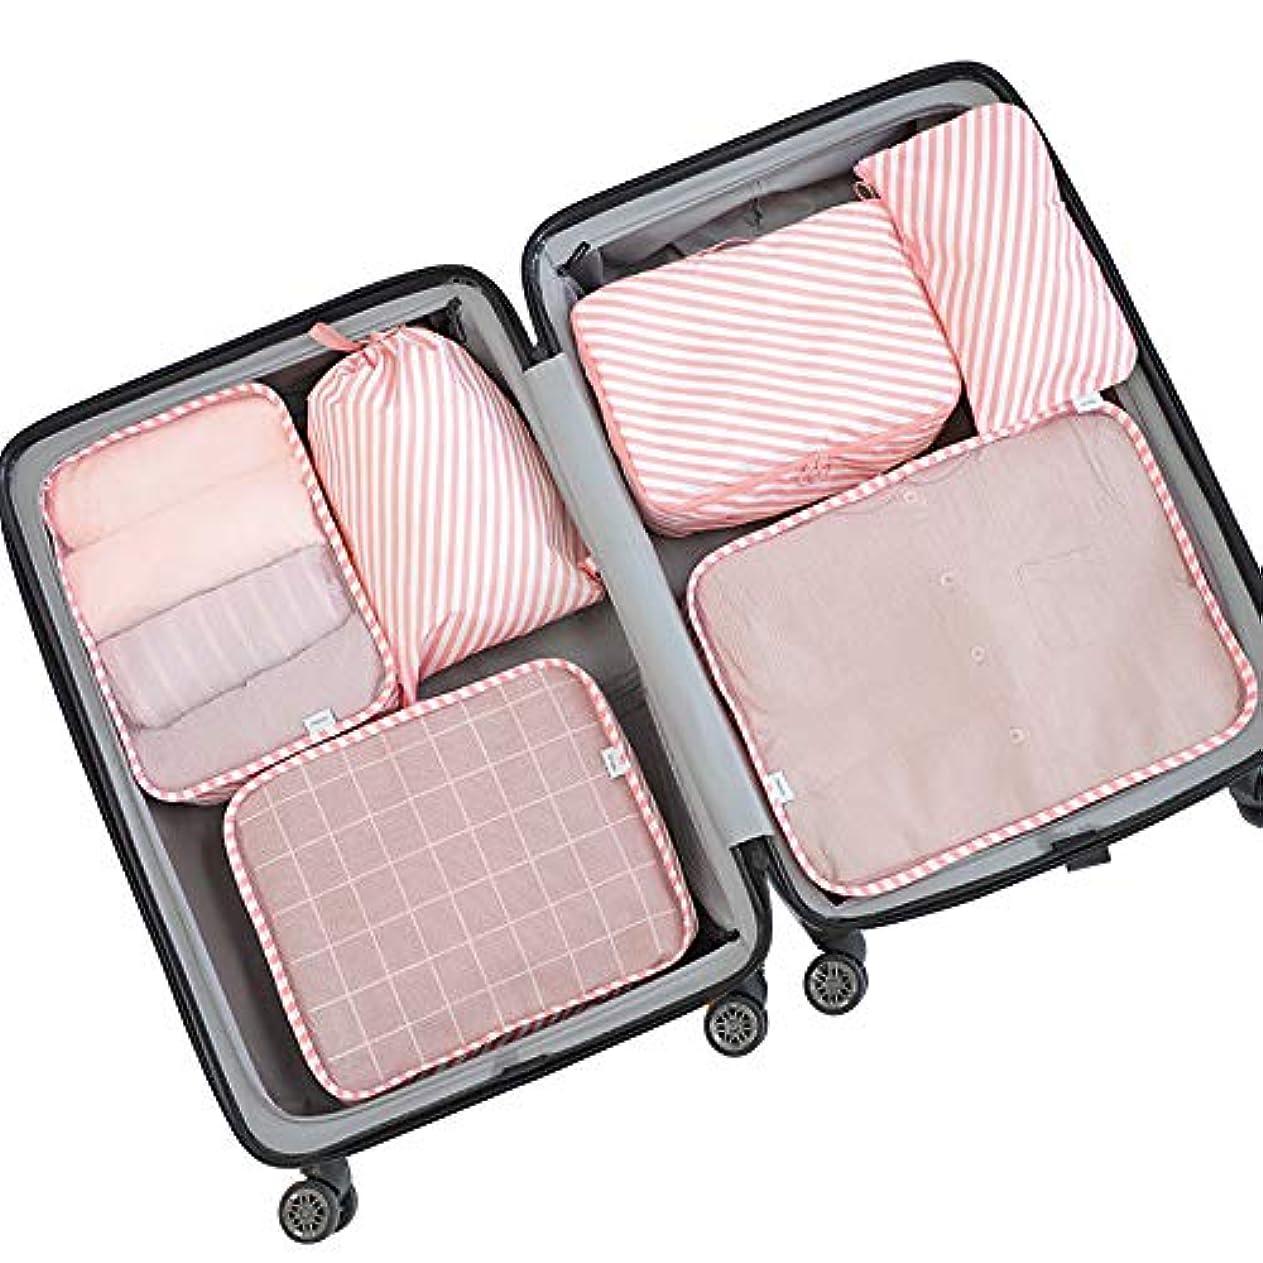 王女レンド回復するトラベルポーチ 6点セット 収納ポーチ 旅行用 衣類 バッグ ケース 化粧ポーチ メンズ 大容量 防水